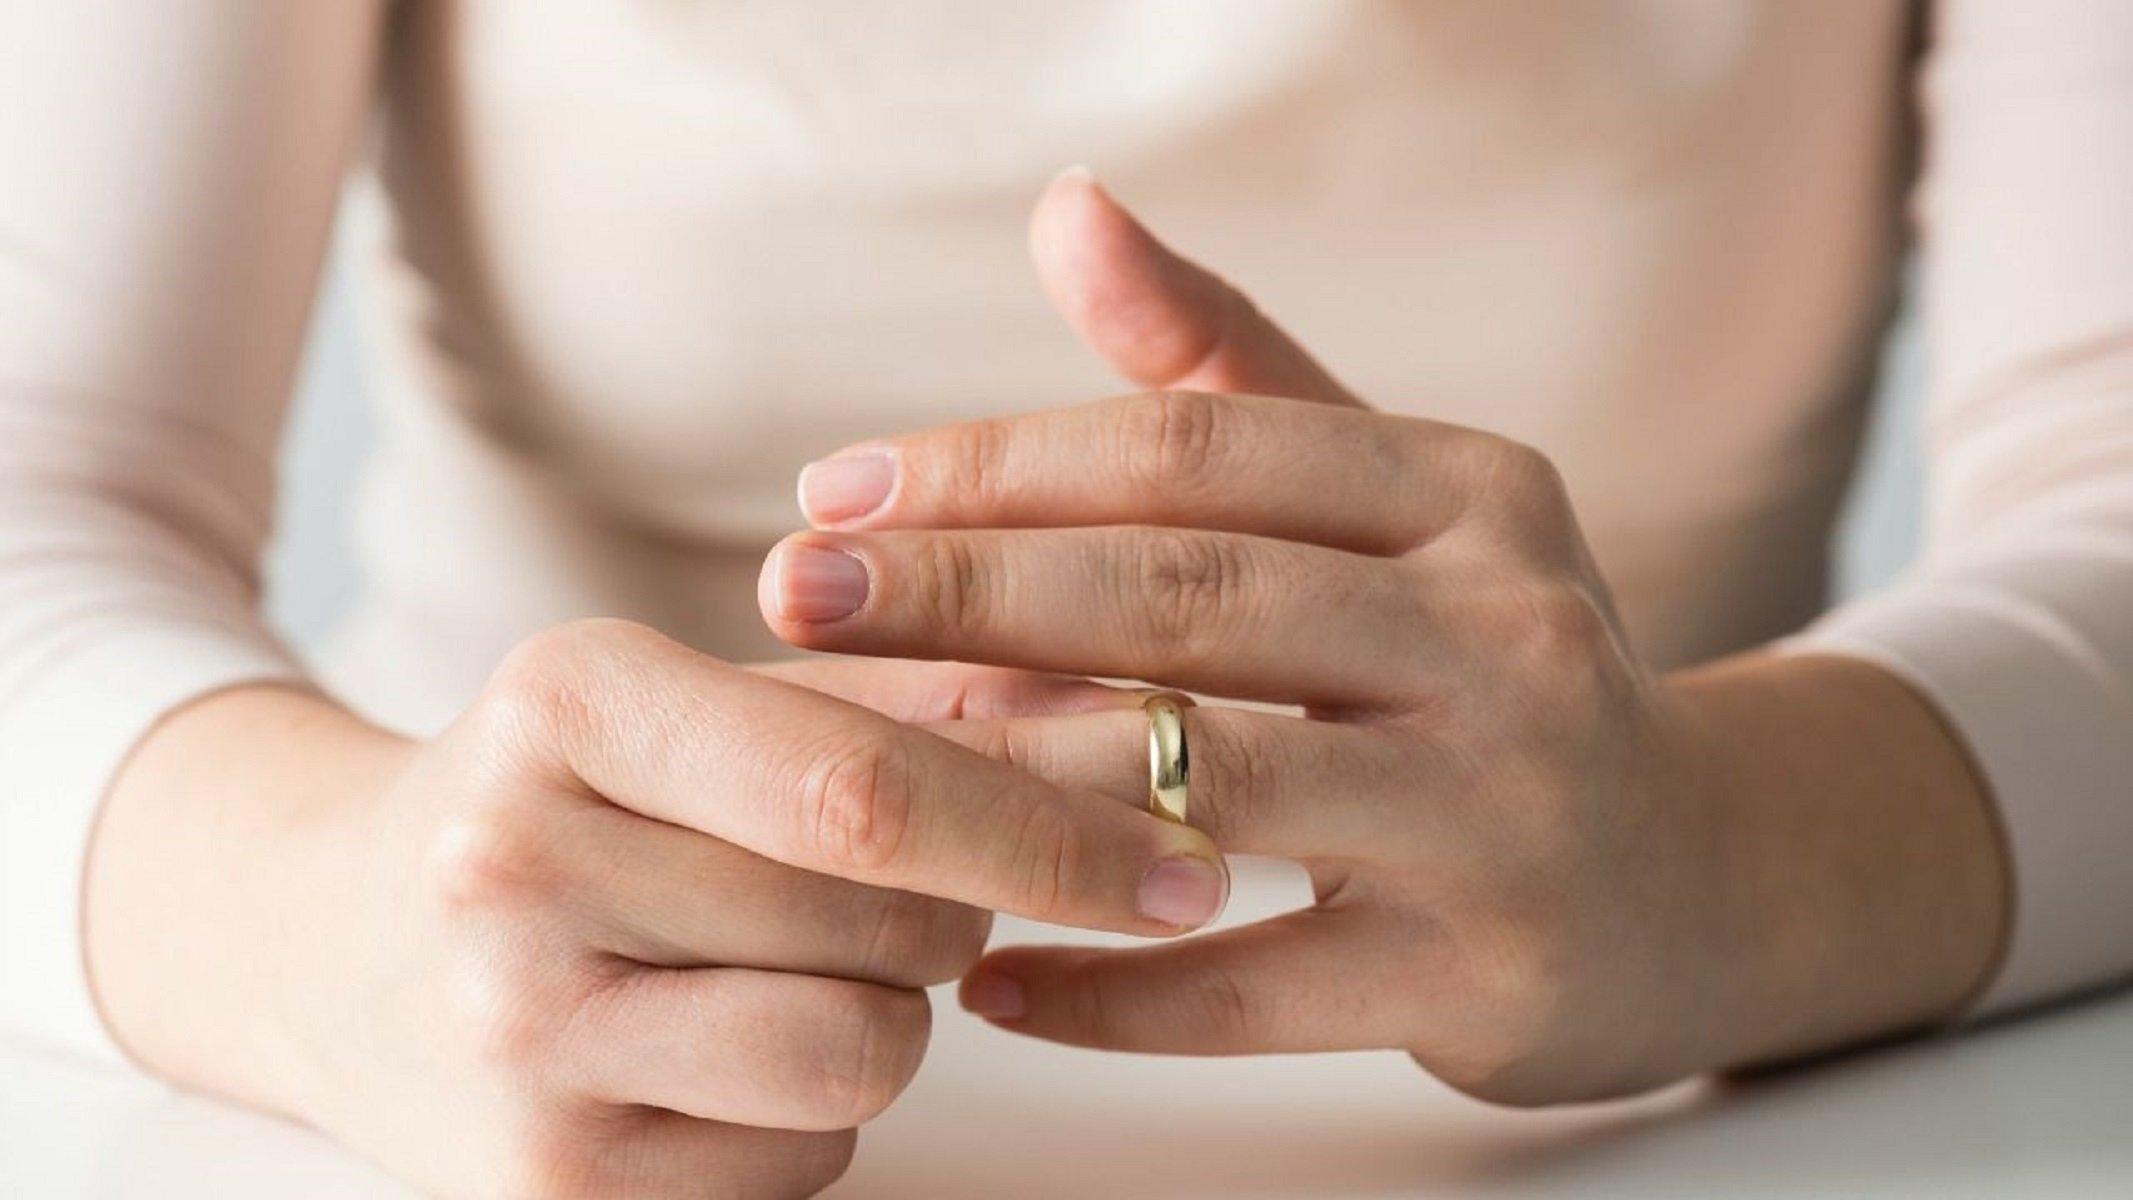 Потеря обручального кольца: катастрофа или пустяк?